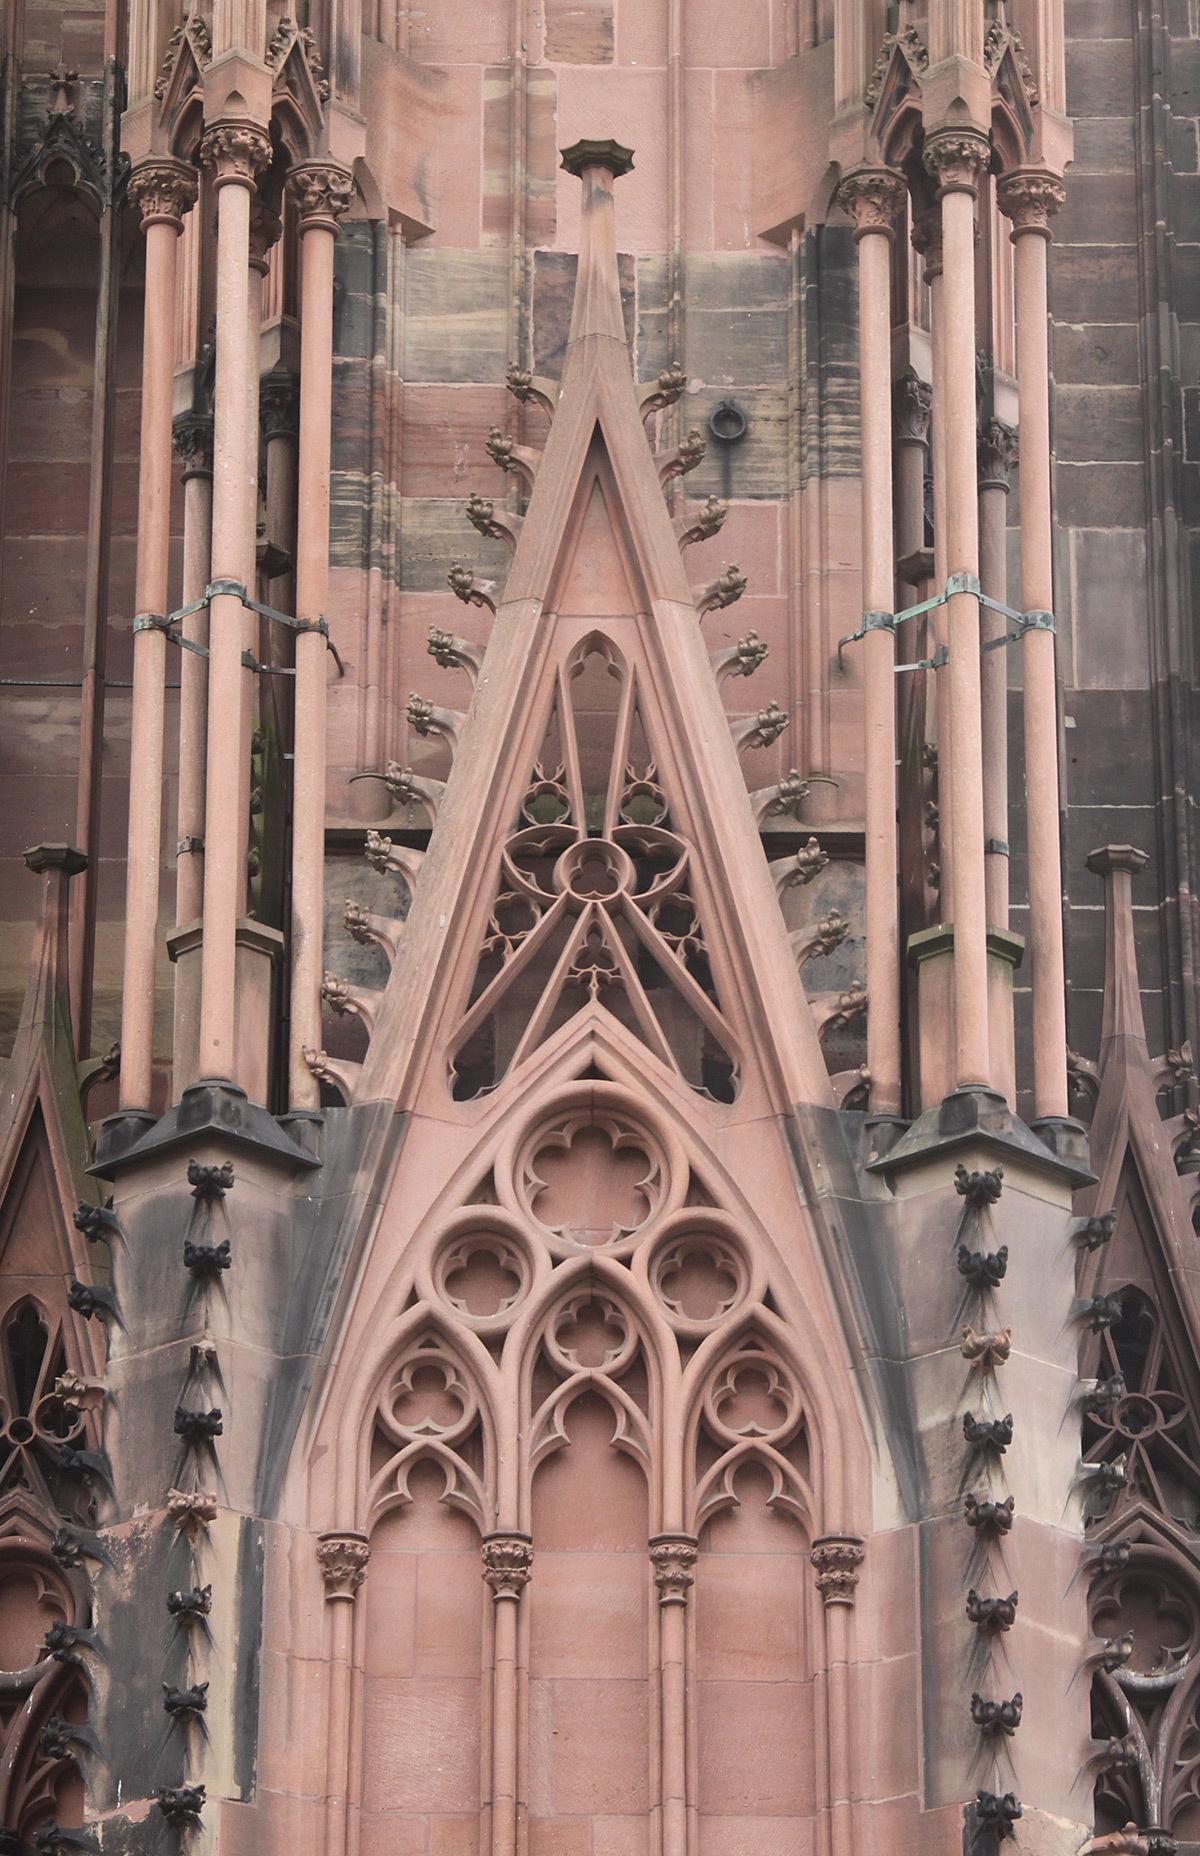 Cathédrale Notre-Dame, Strasbourg, France - détail de la façade vue de jour © Vincent Laganier